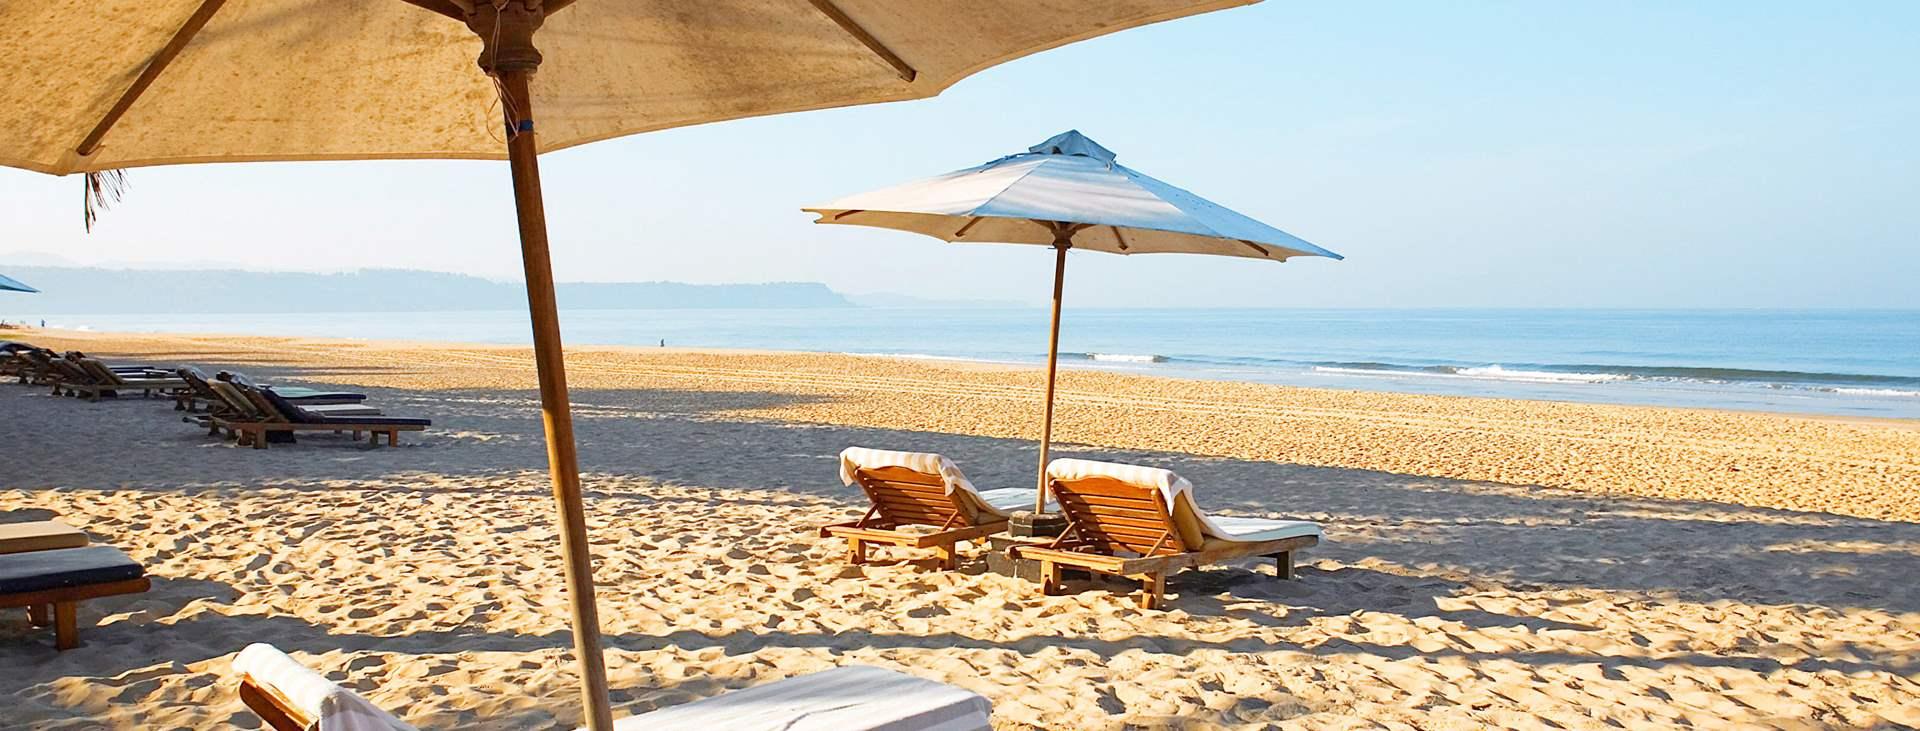 Bestill en reise med Ving til Goa i India